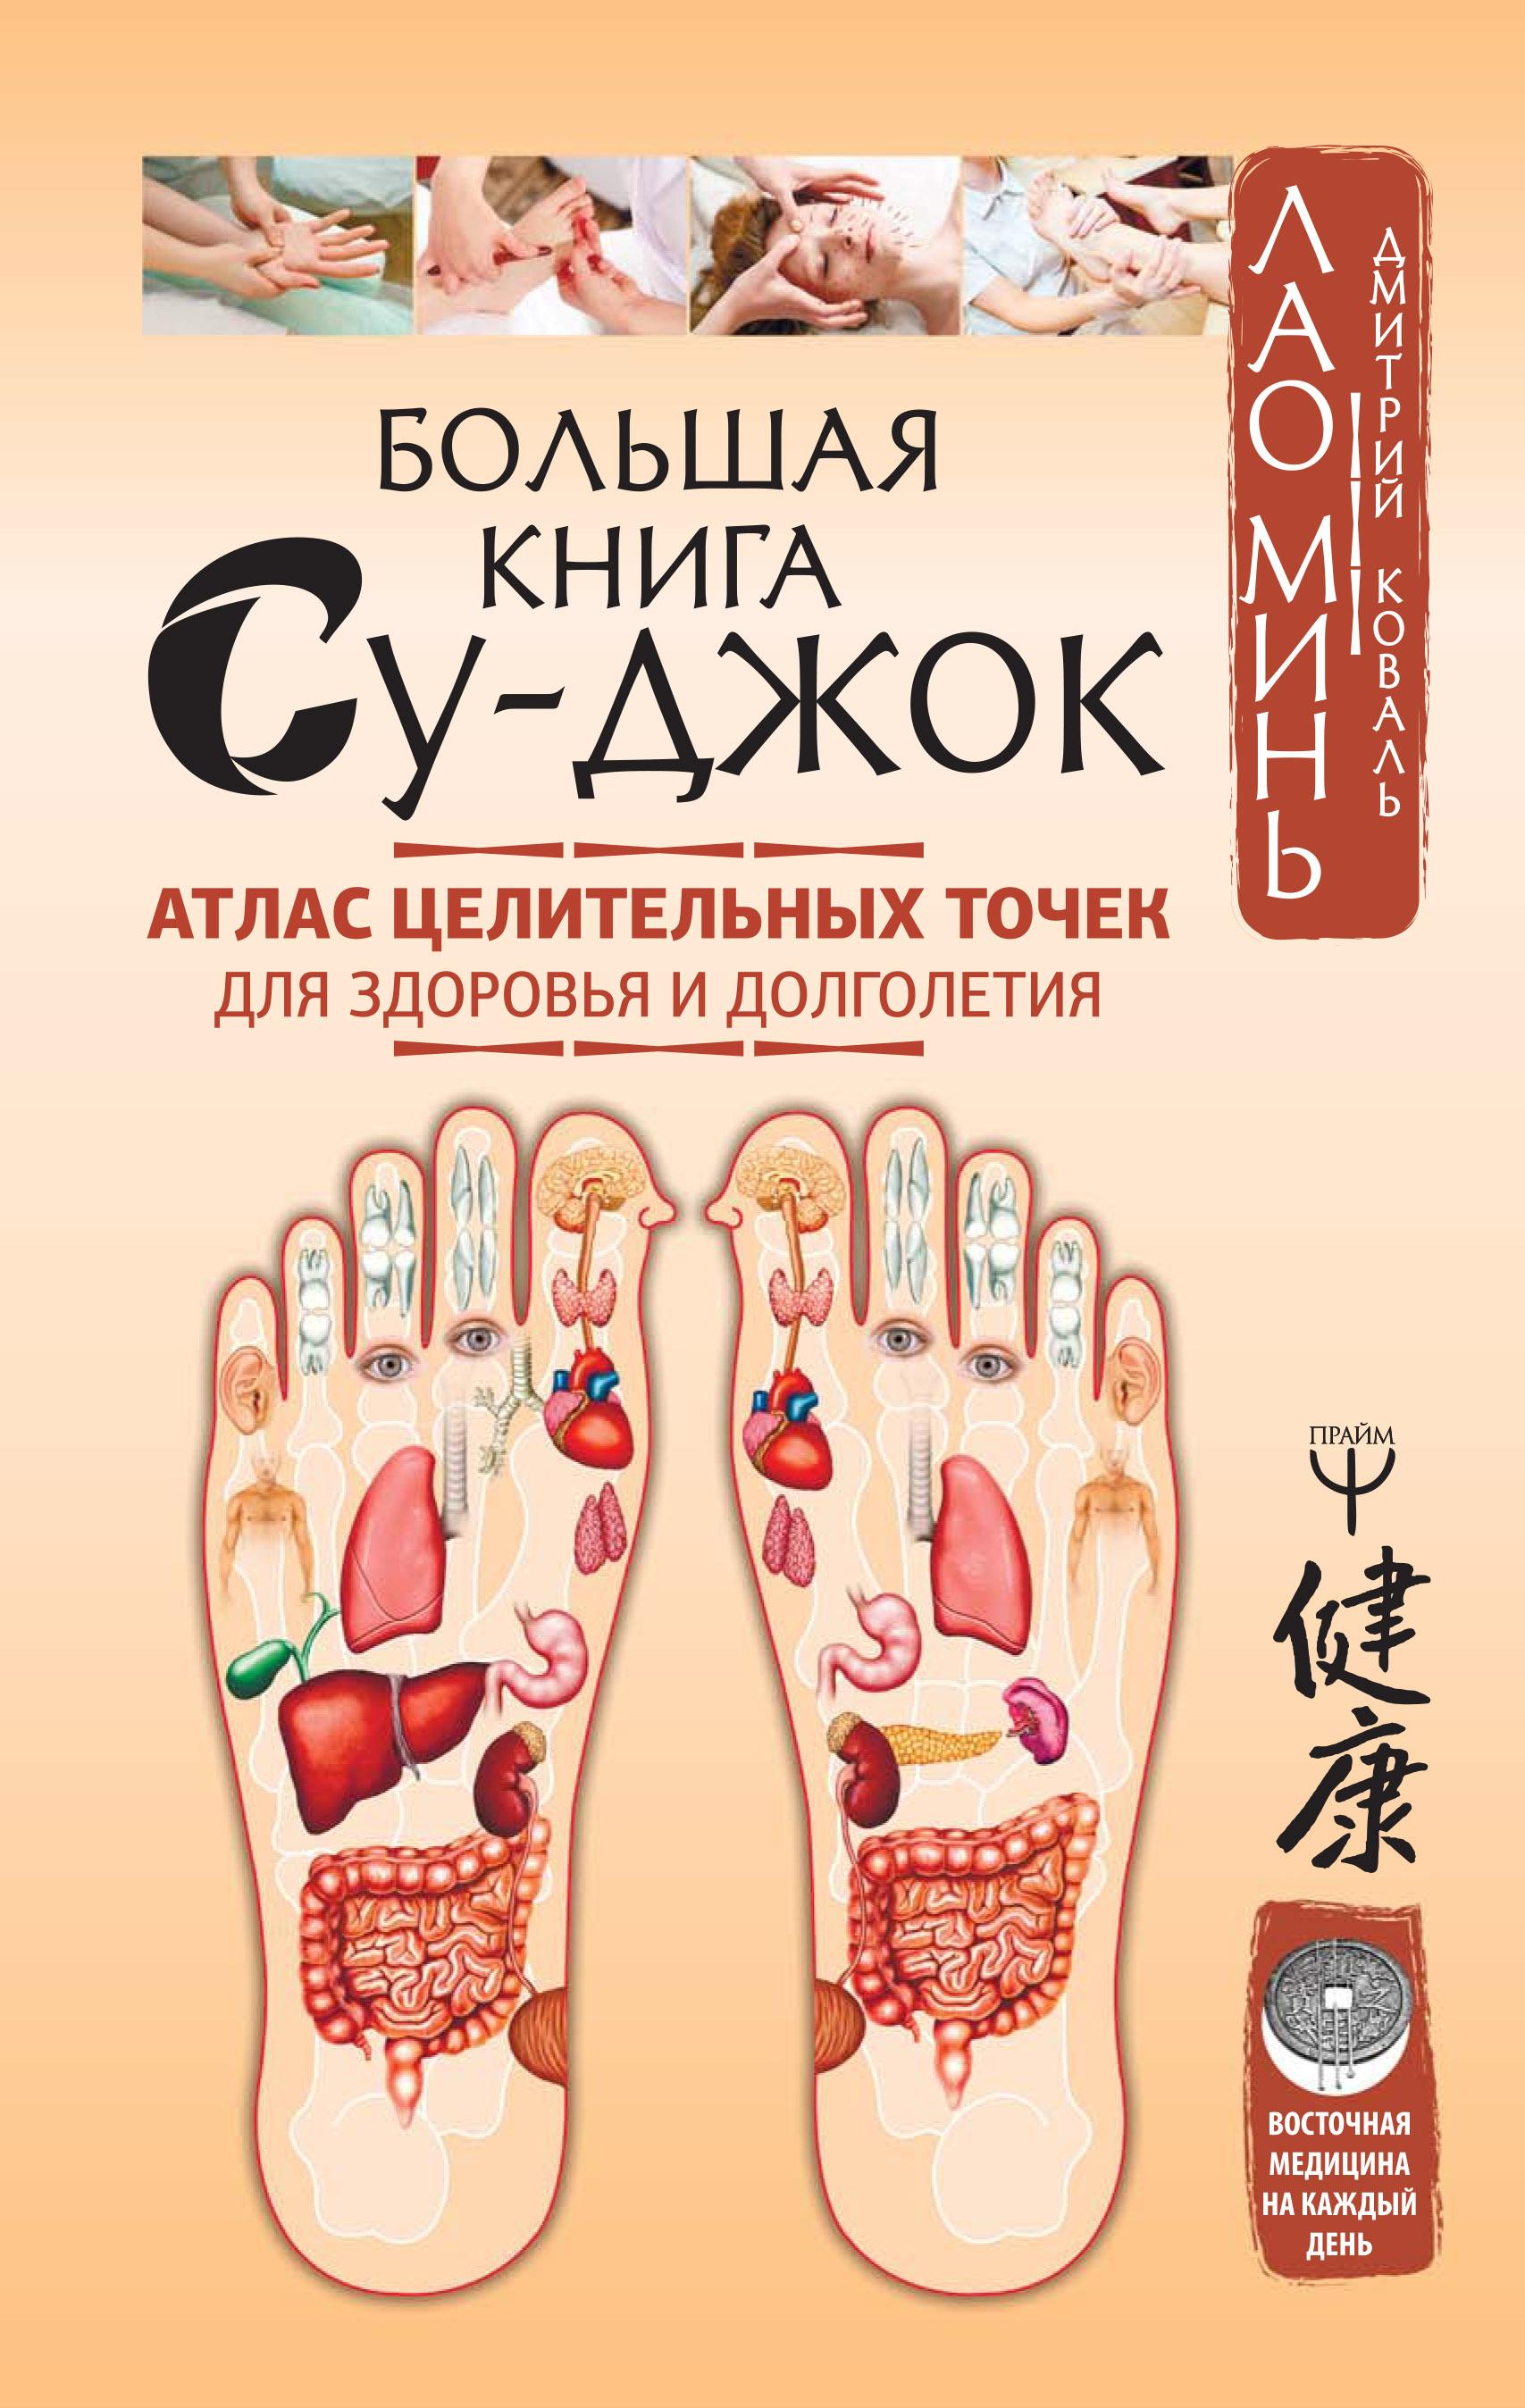 Лао Минь Большая книга Су-джок. Атлас целительных точек для здоровья и долголетия лао минь исцеляющие точки нашего организма подробный атлас